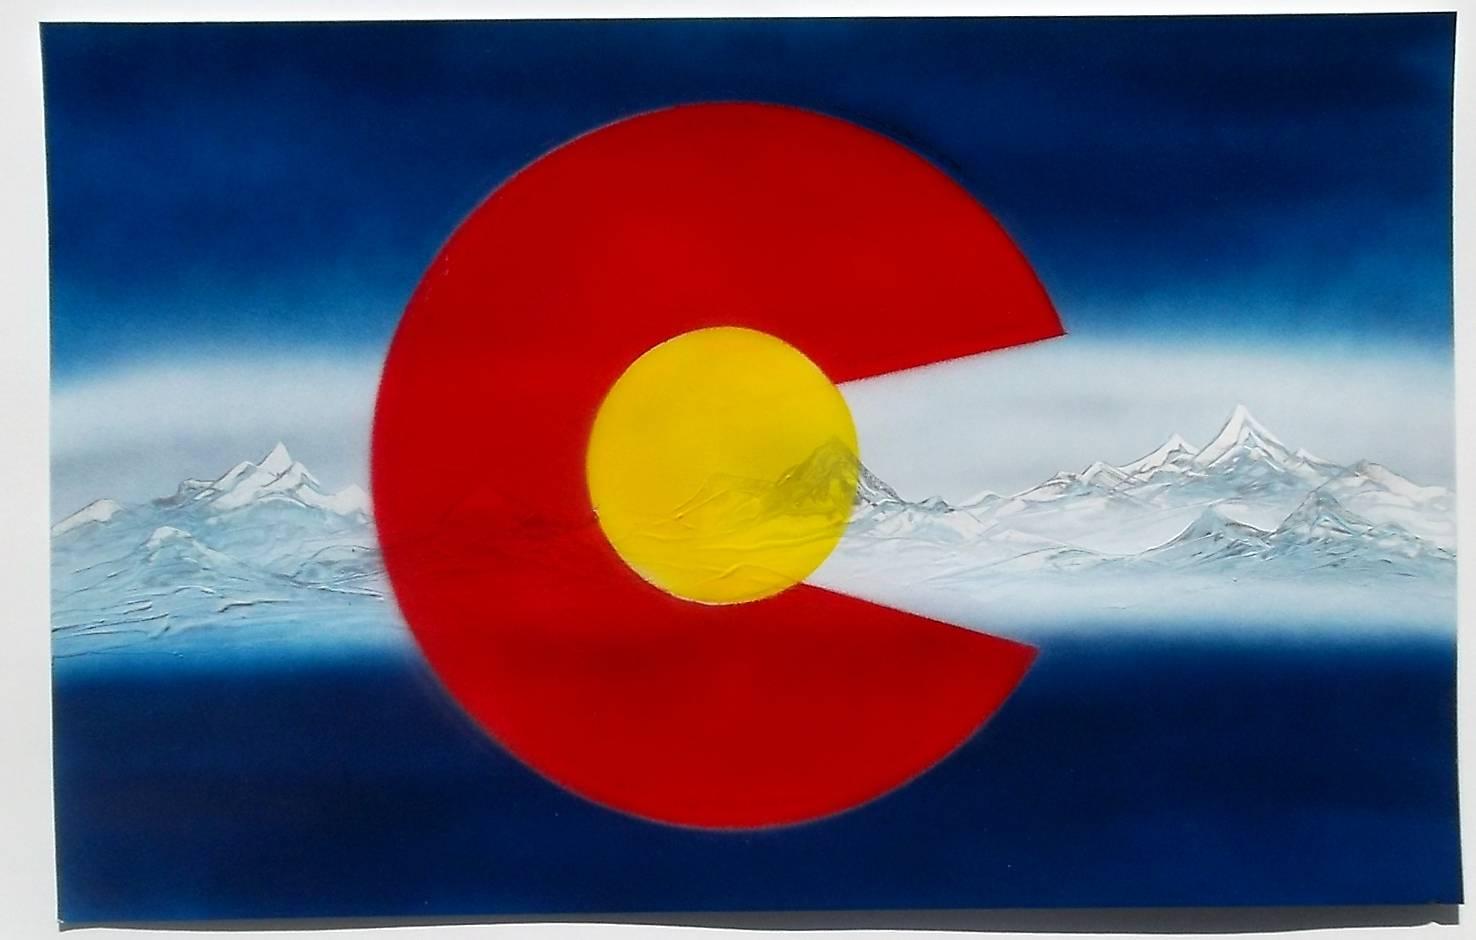 Colorado Flag Wallpaper - WallpaperSafari